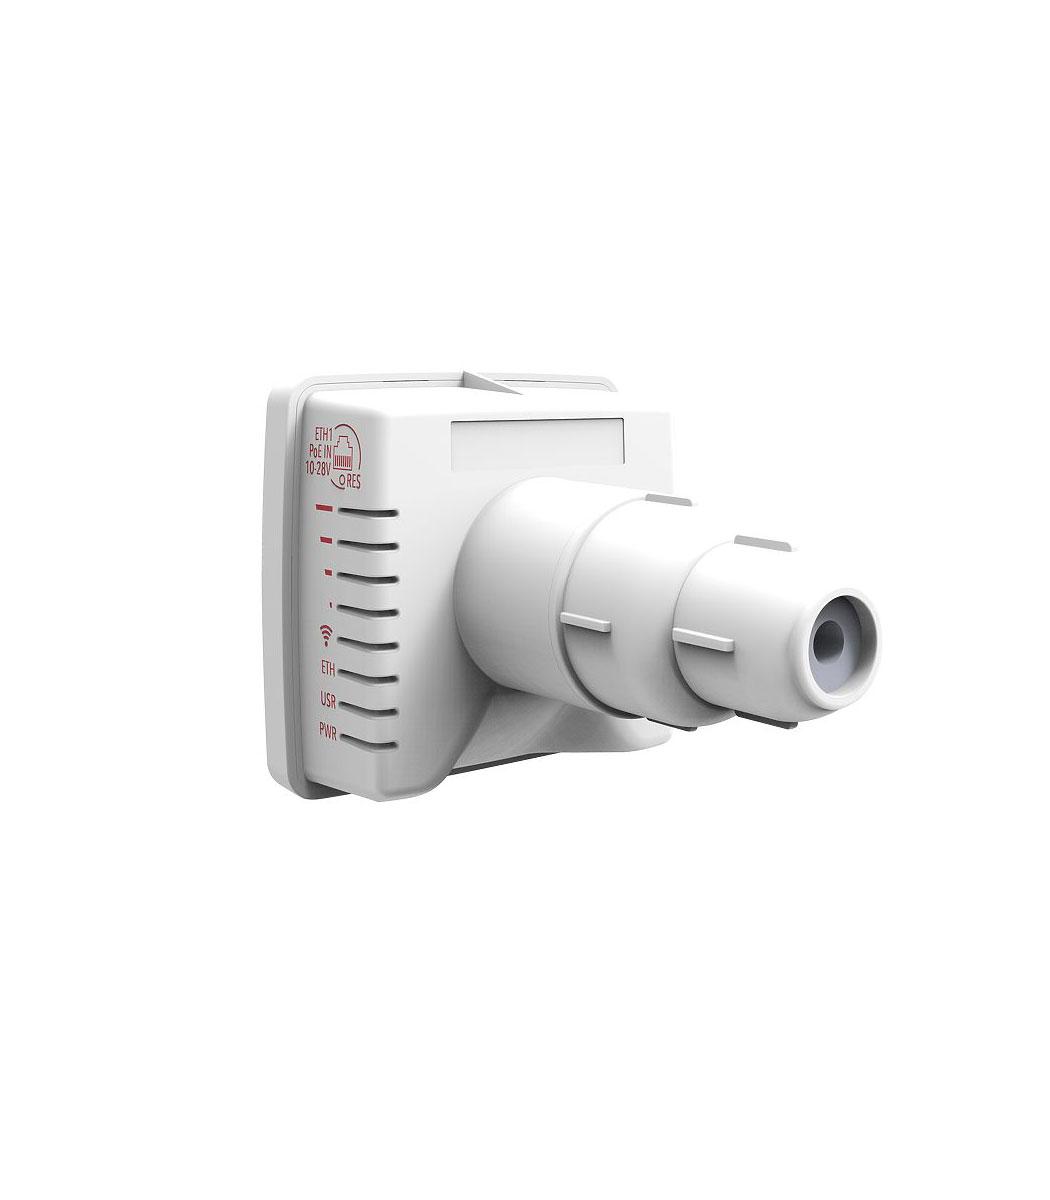 رادیو وایرلس میکروتیک Mikrotik LDF 5 ac